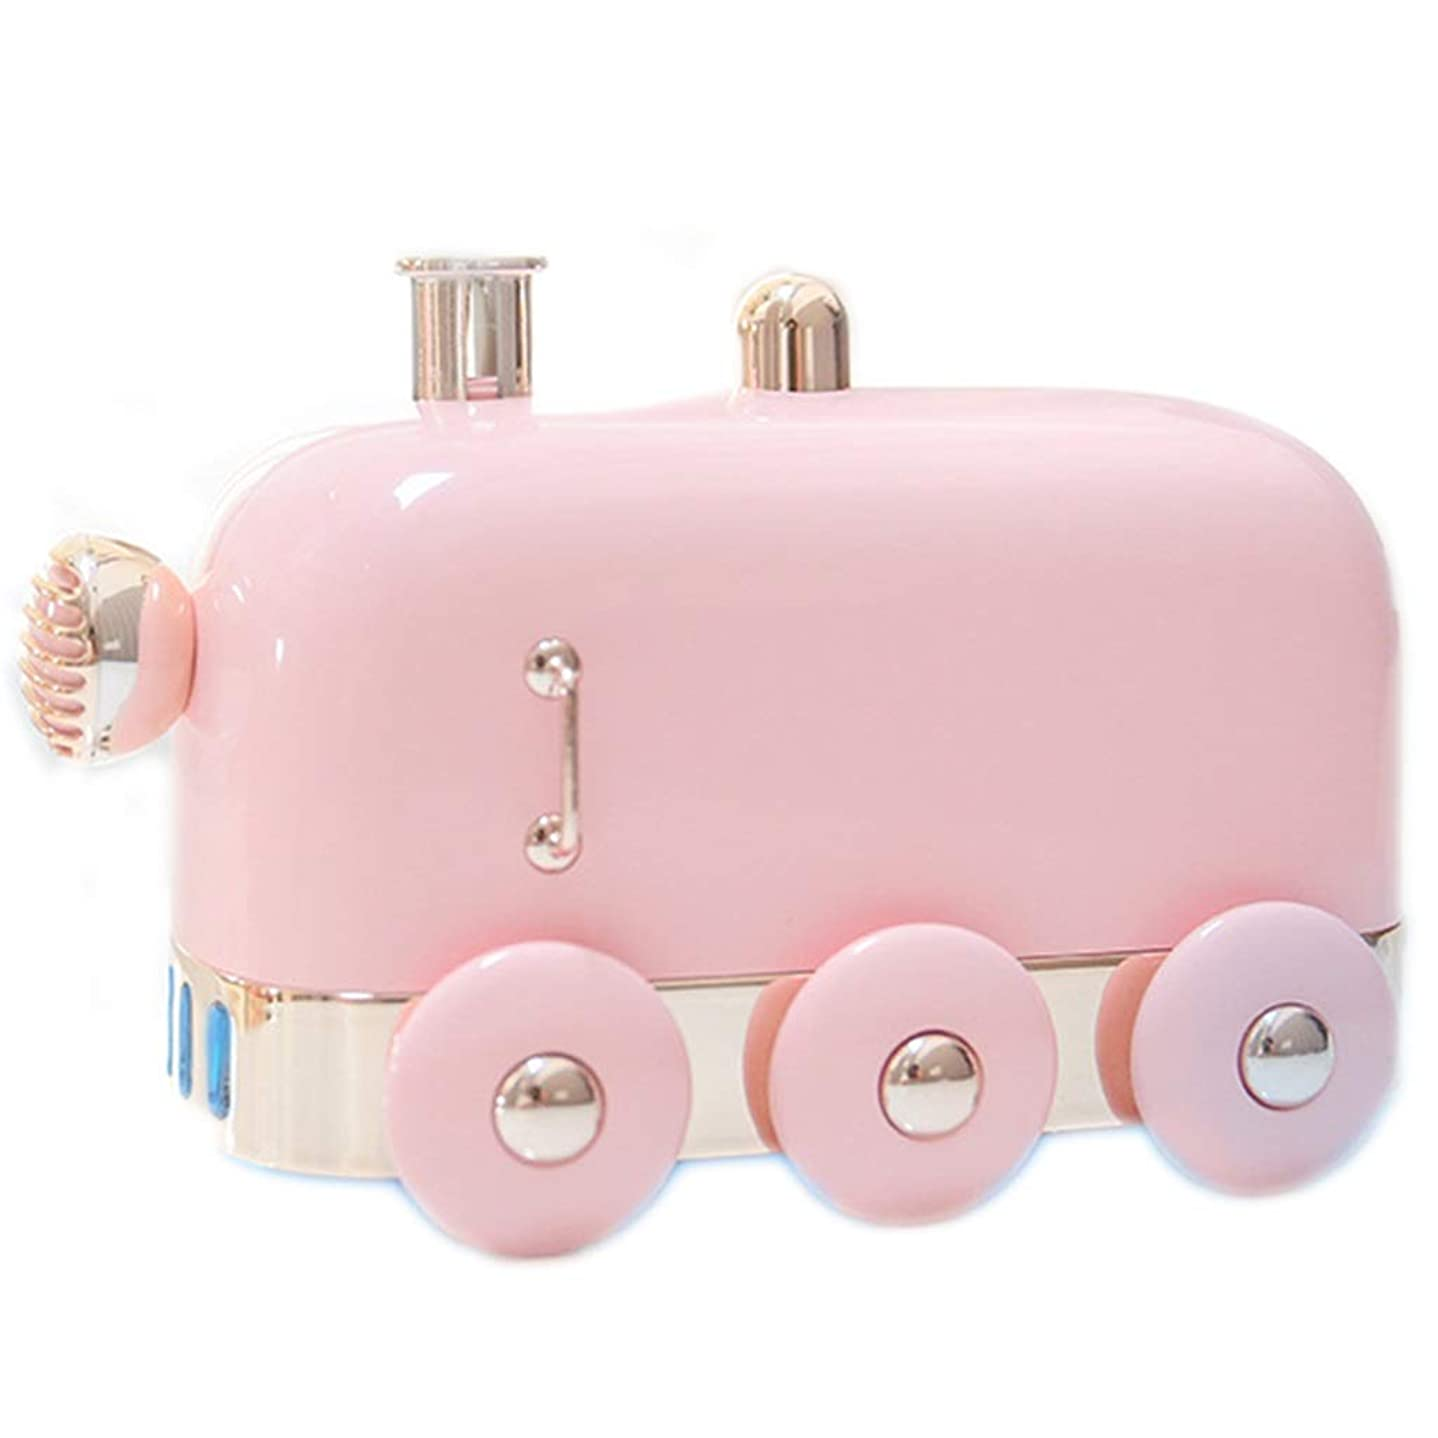 酸化する適合伸ばすアロマセラピーエッセンシャルオイルディフューザー、アロマディフューザークールミスト加湿器ウォーターレスオートシャットオフホームオフィス用ヨガ (Color : Pink)